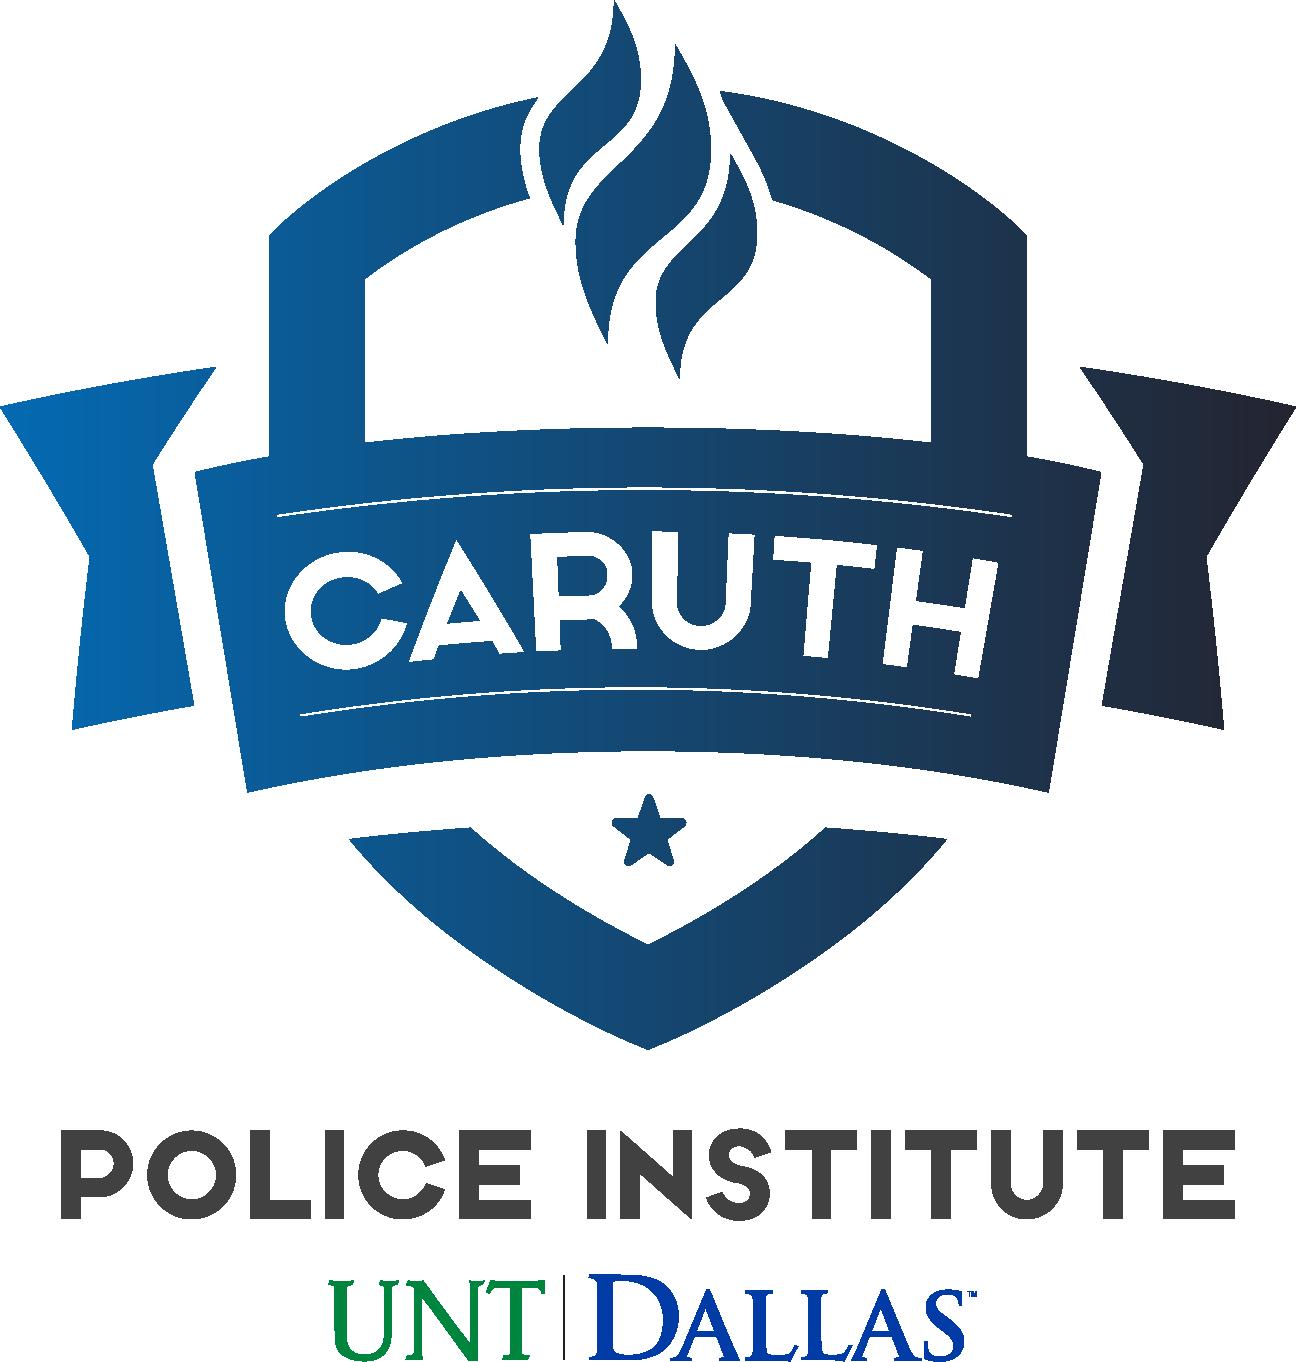 Caruth